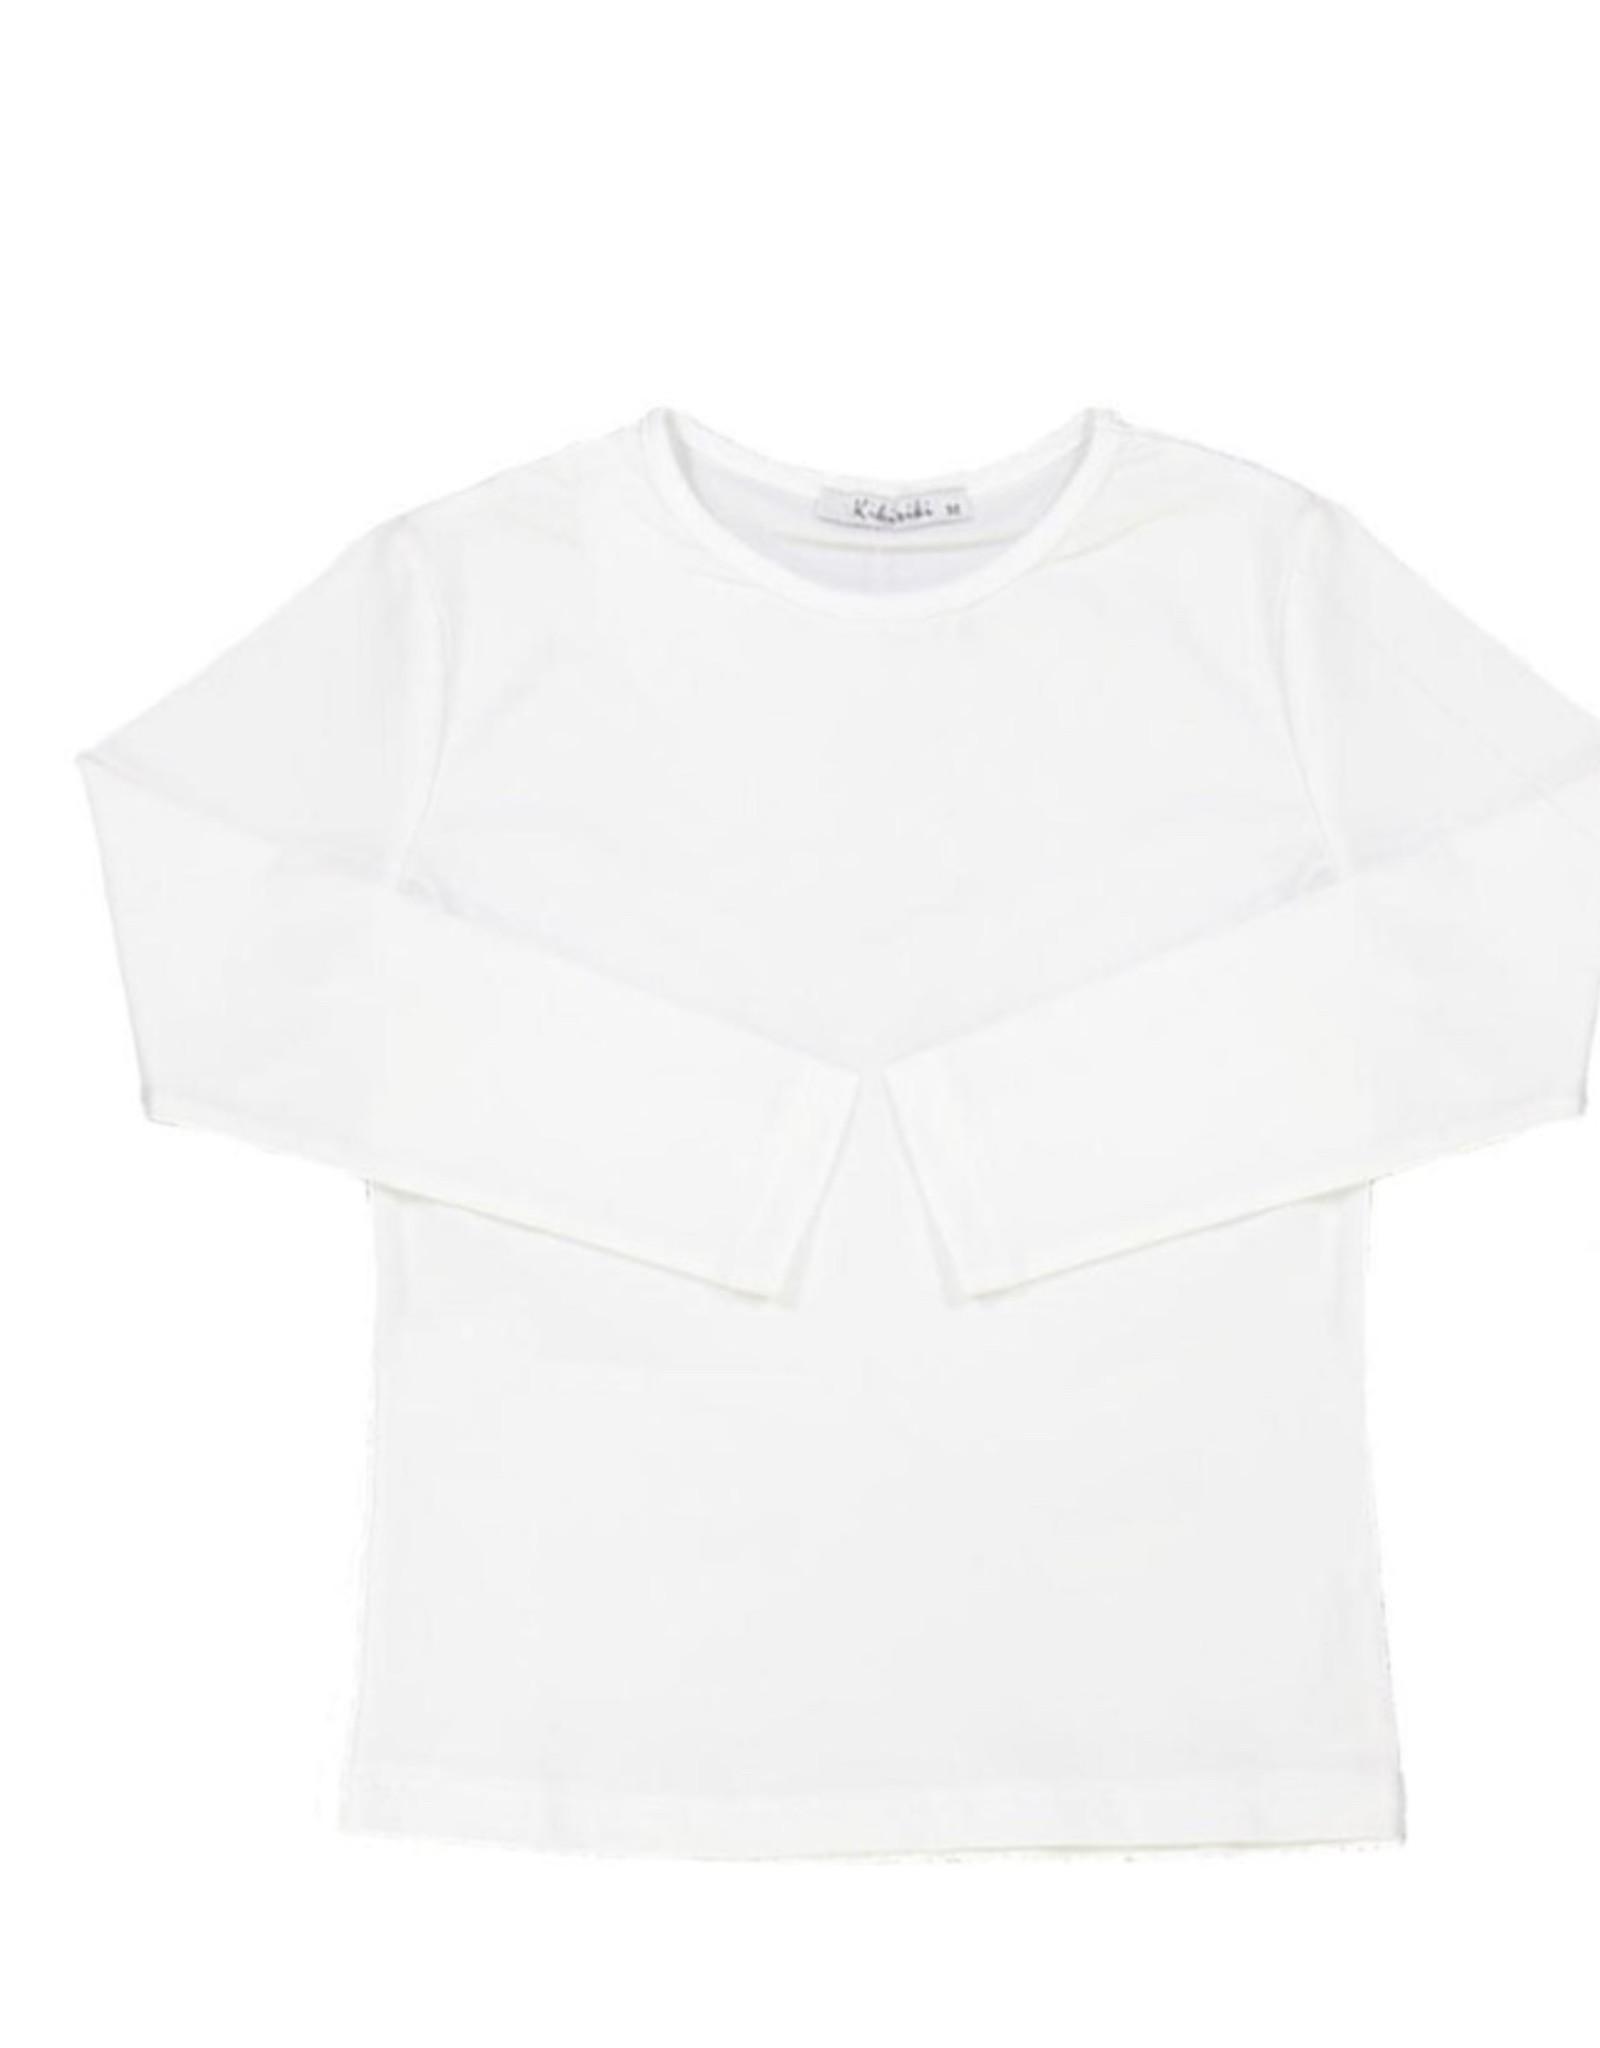 Kiki Riki Kiki Riki Girls 3/4 Length Sleeve Cotton Shell 19433